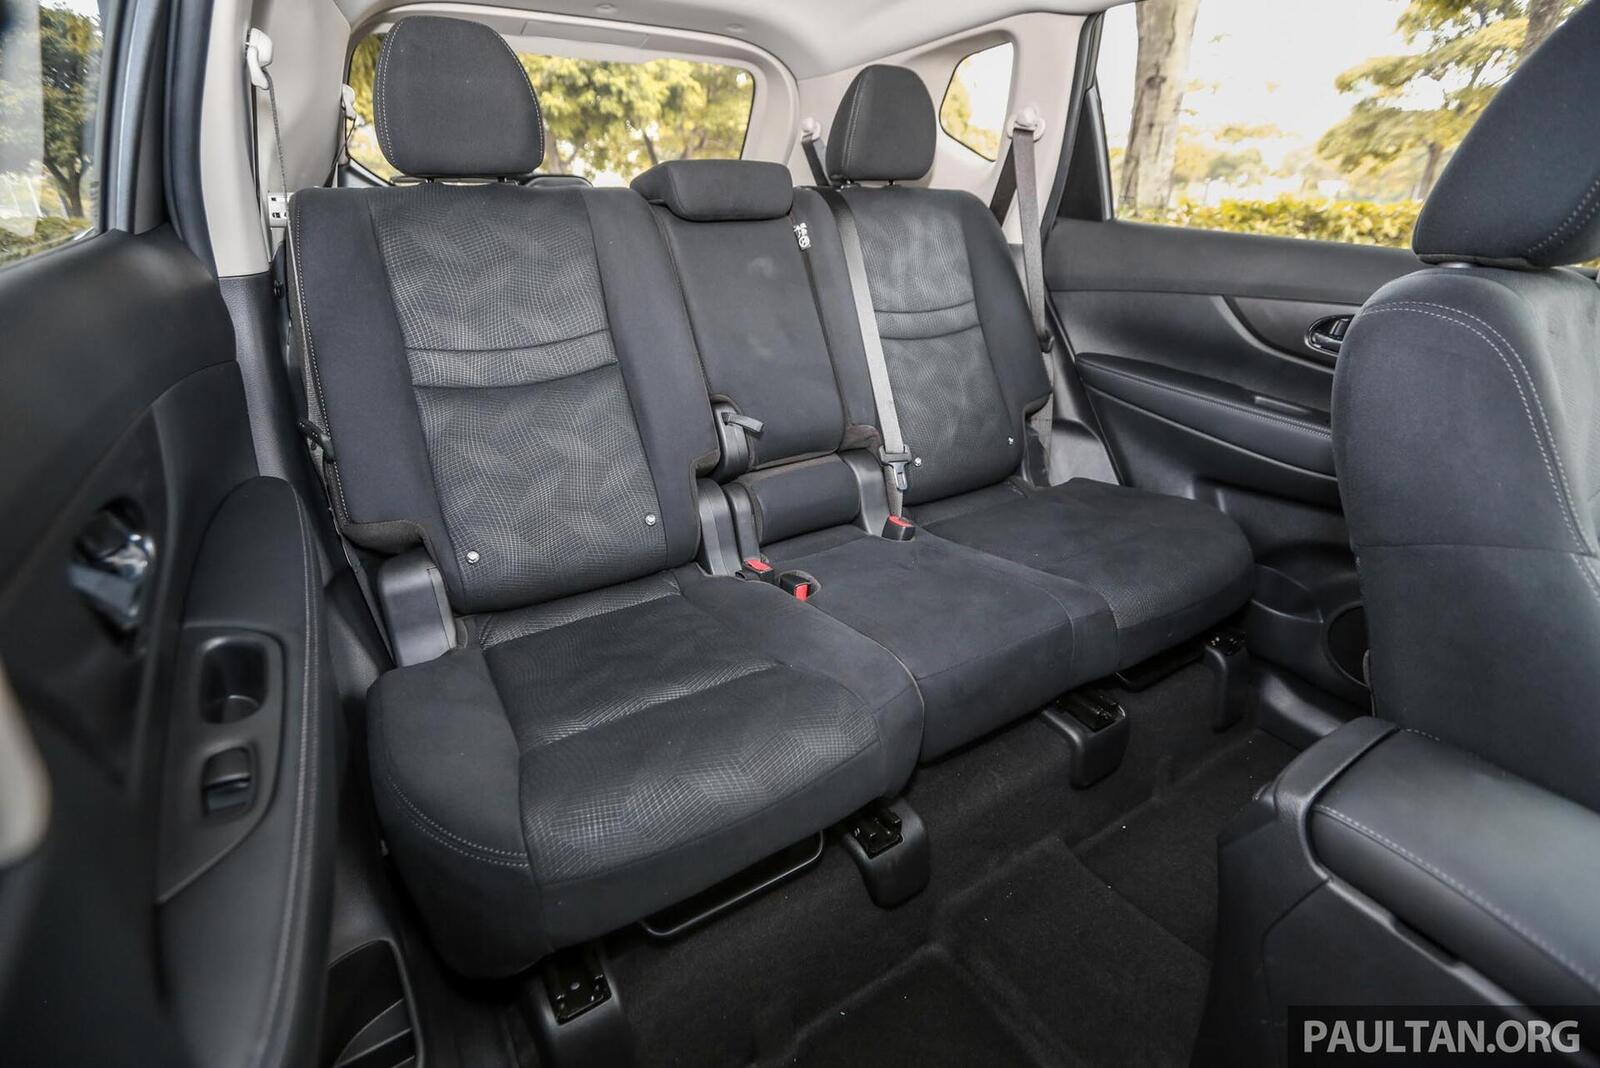 Sự khác biệt giữa Nissan X-Trail phiên bản nâng cấp facelift mới và cũ - Hình 16